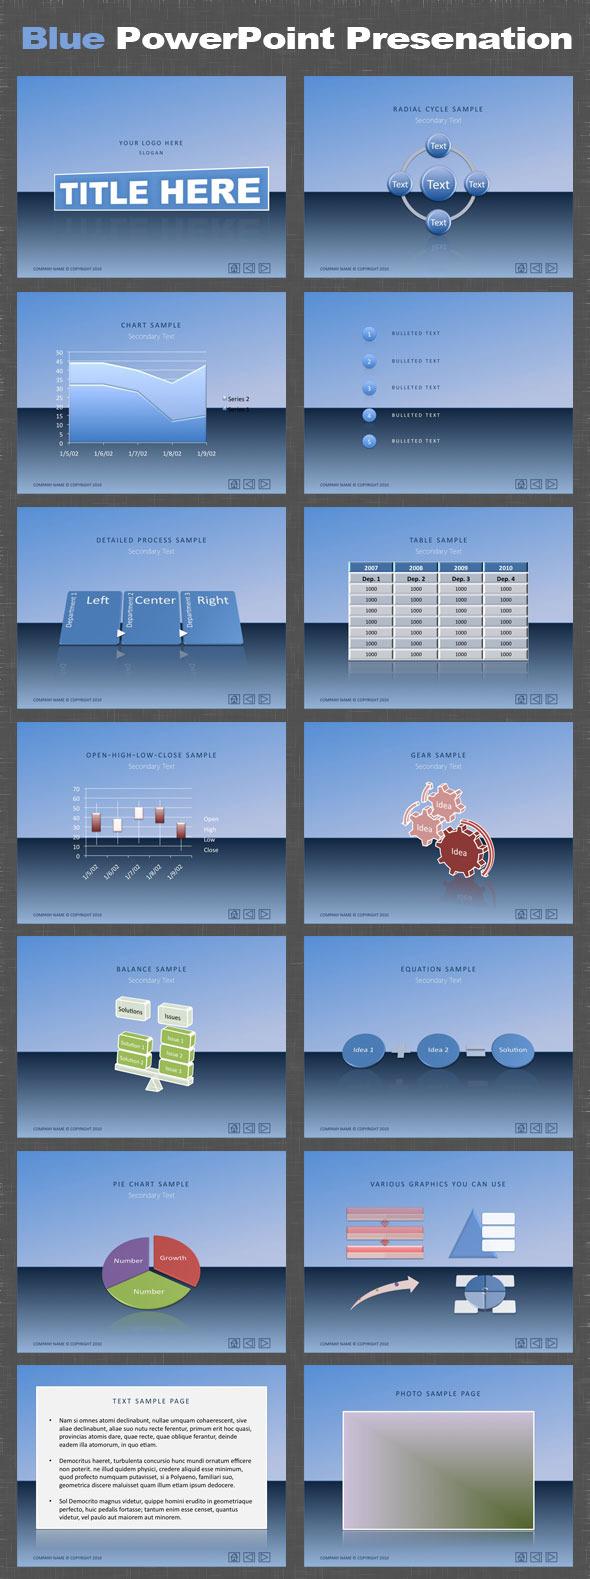 Blue PowerPoint Presentation - PowerPoint Templates Presentation Templates